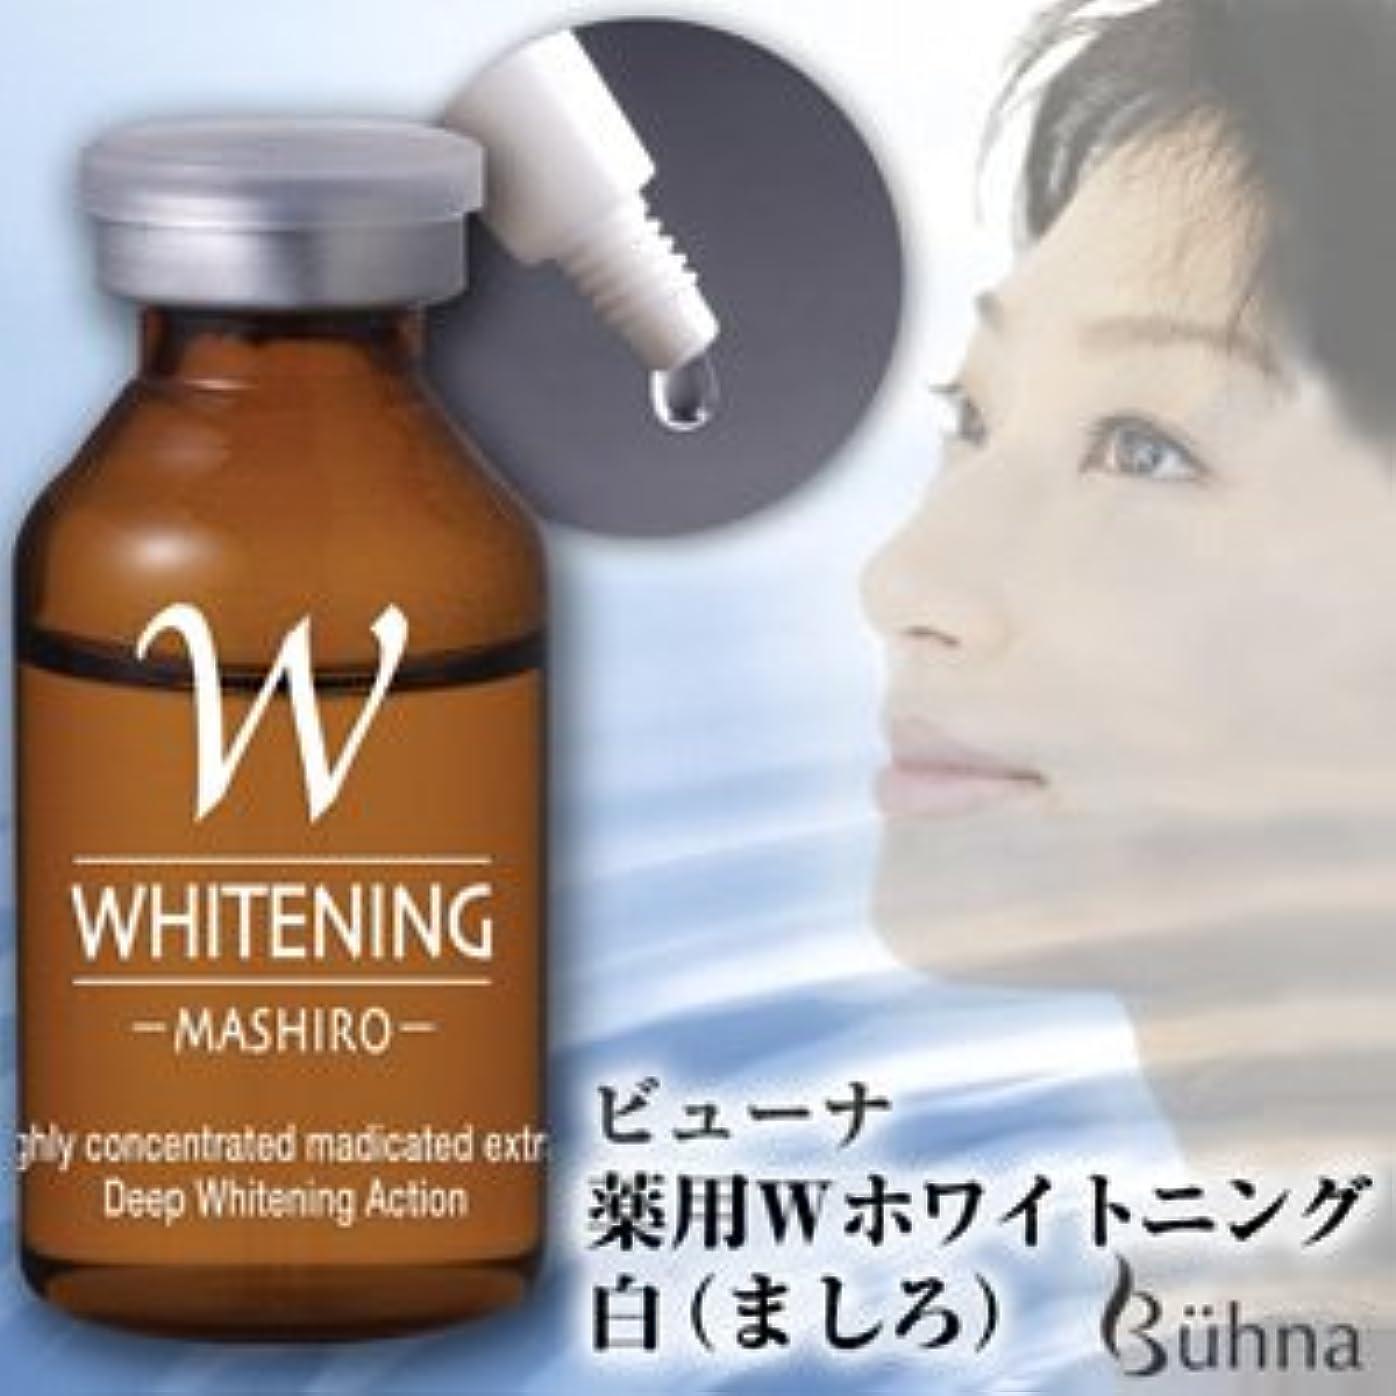 協同例外そう超高濃度!W原液がシミを断つ、翌朝の肌で感じる美肌力『薬用ダブルホワイトニング白(ましろ)』